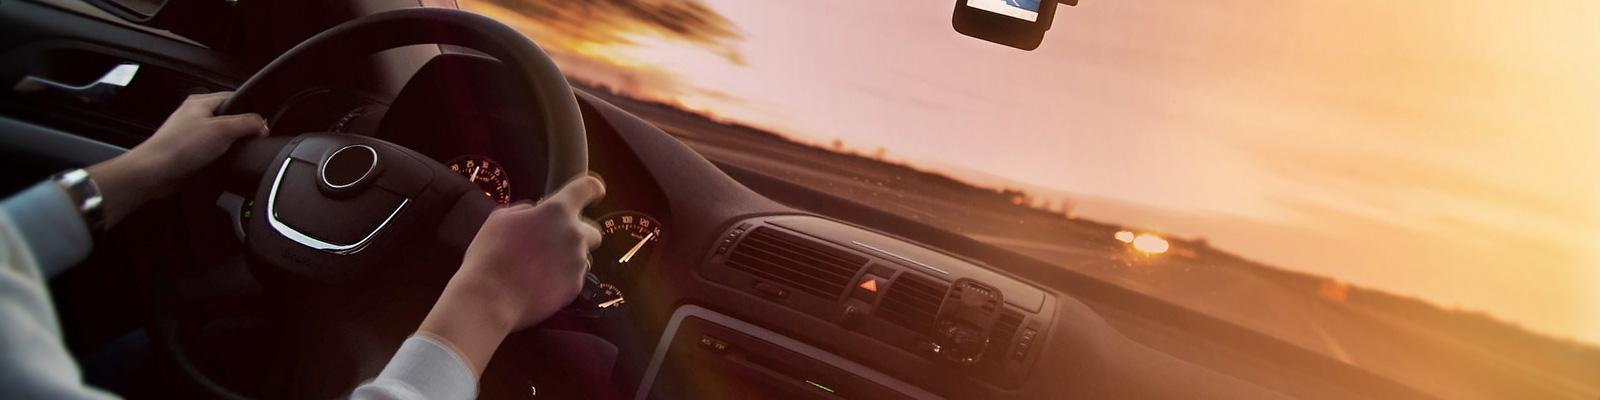 ドライブレコーダー イメージ